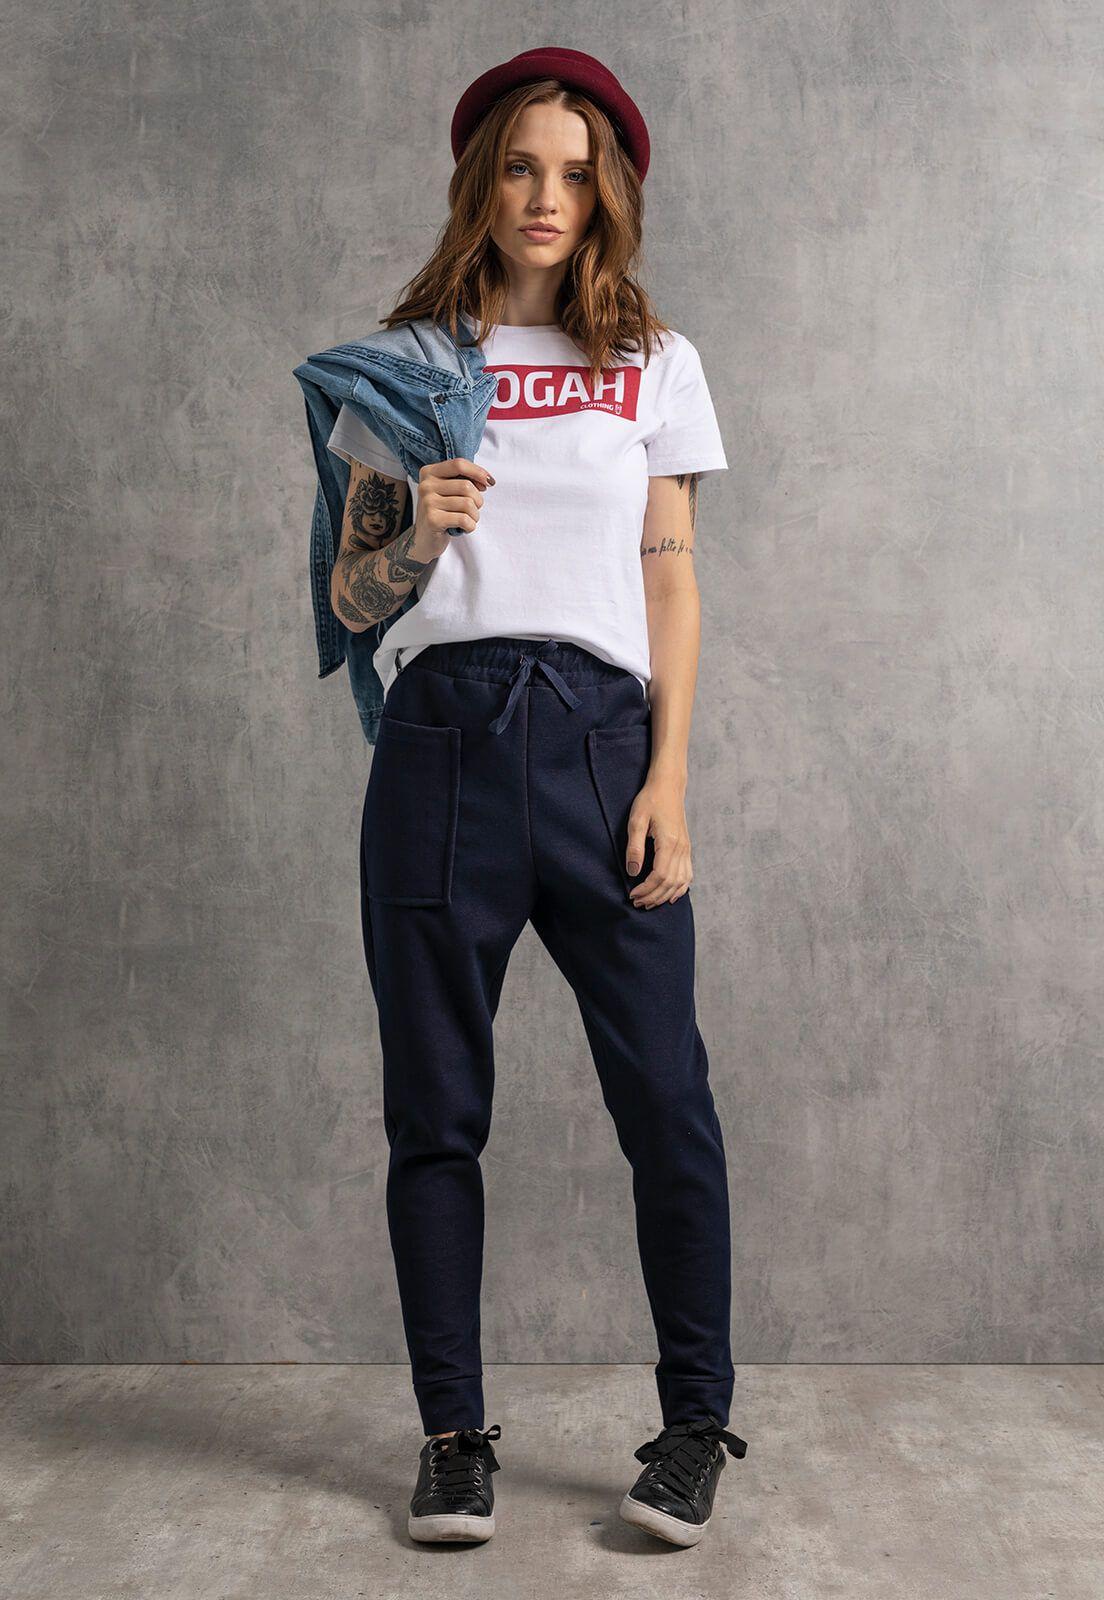 T-shirt Nogah Box